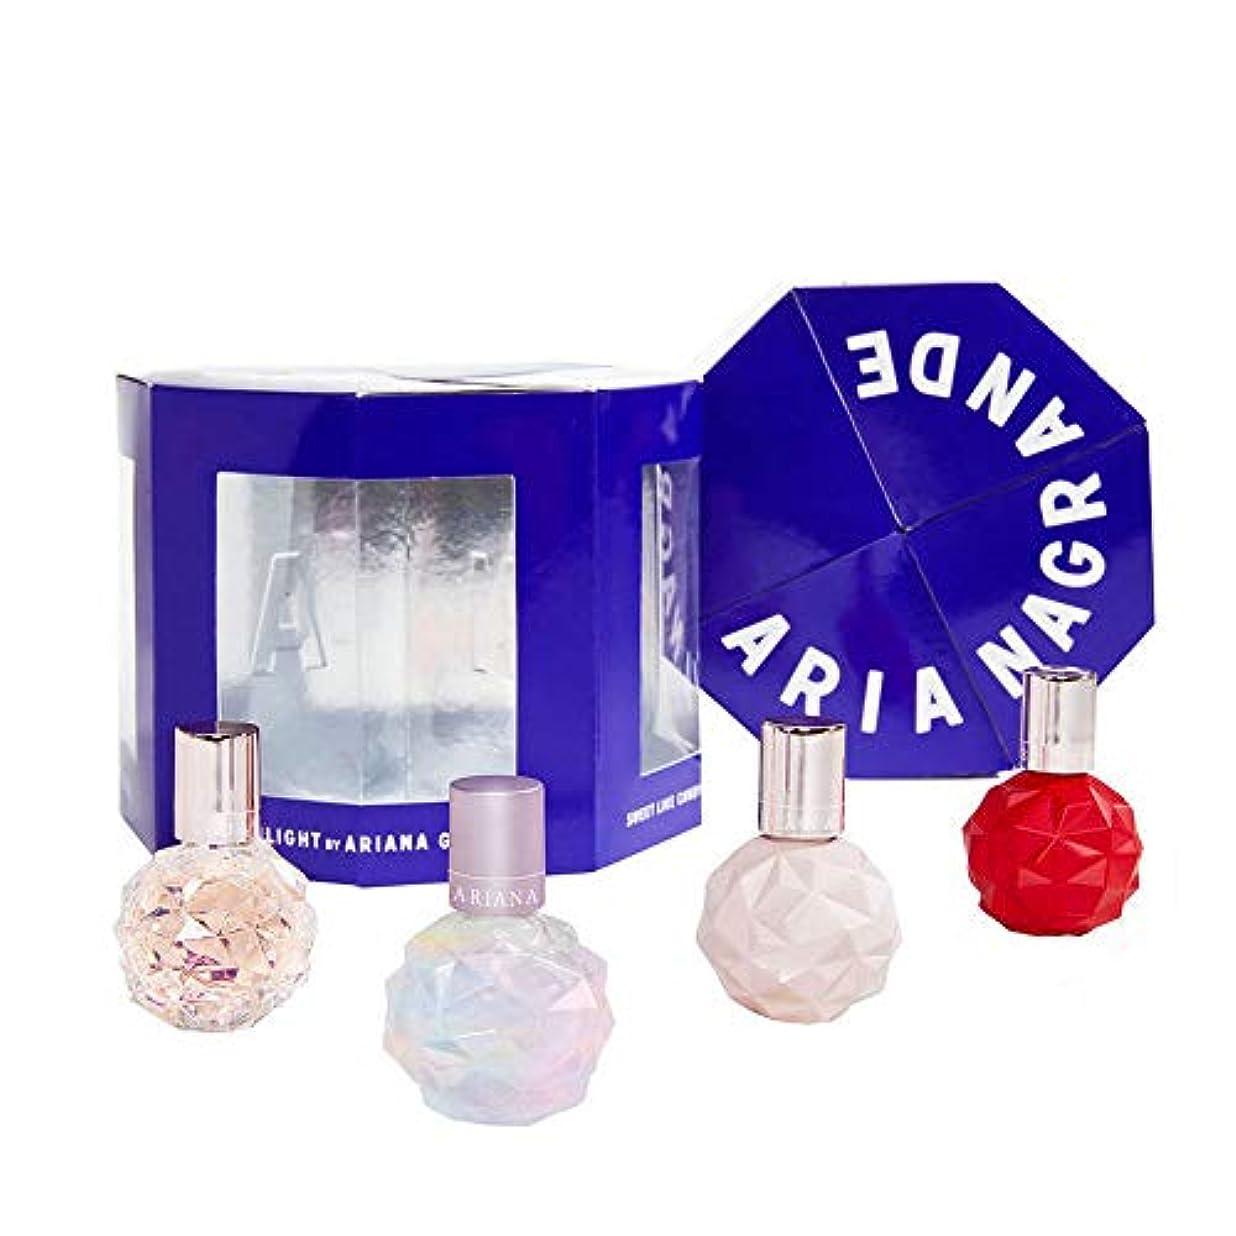 本質的ではないパッチアンペアアリアナグランデ ギフトセット ArianaGrande GiftSet (4.ミニパルファム4点/MiniPerfume) [並行輸入品]